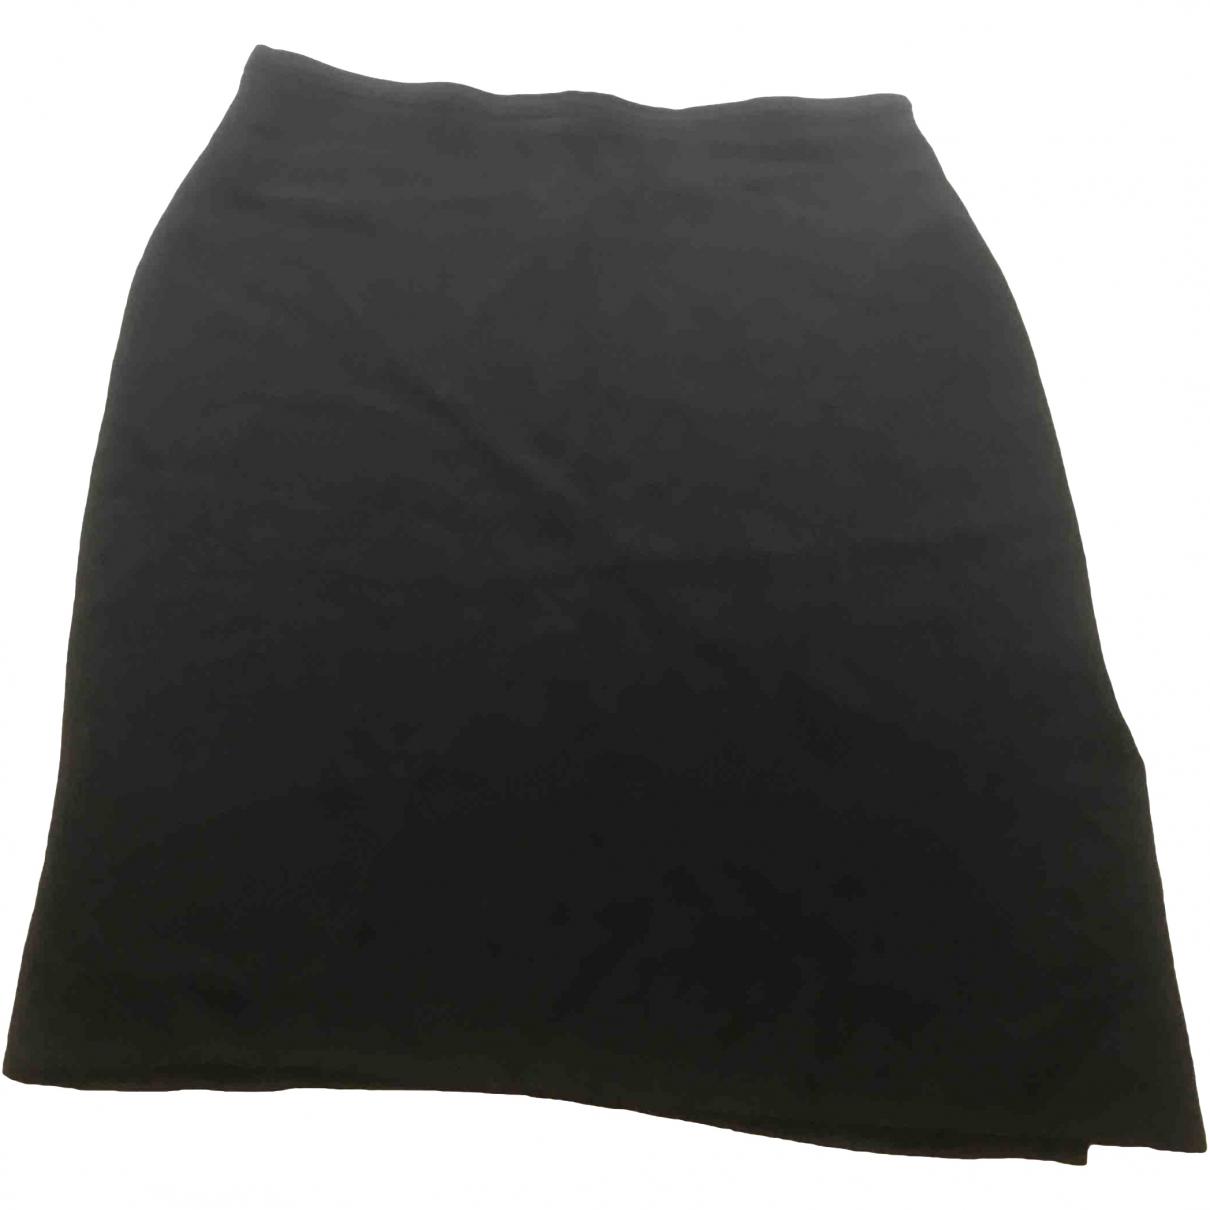 Joseph \N Black skirt for Women M International